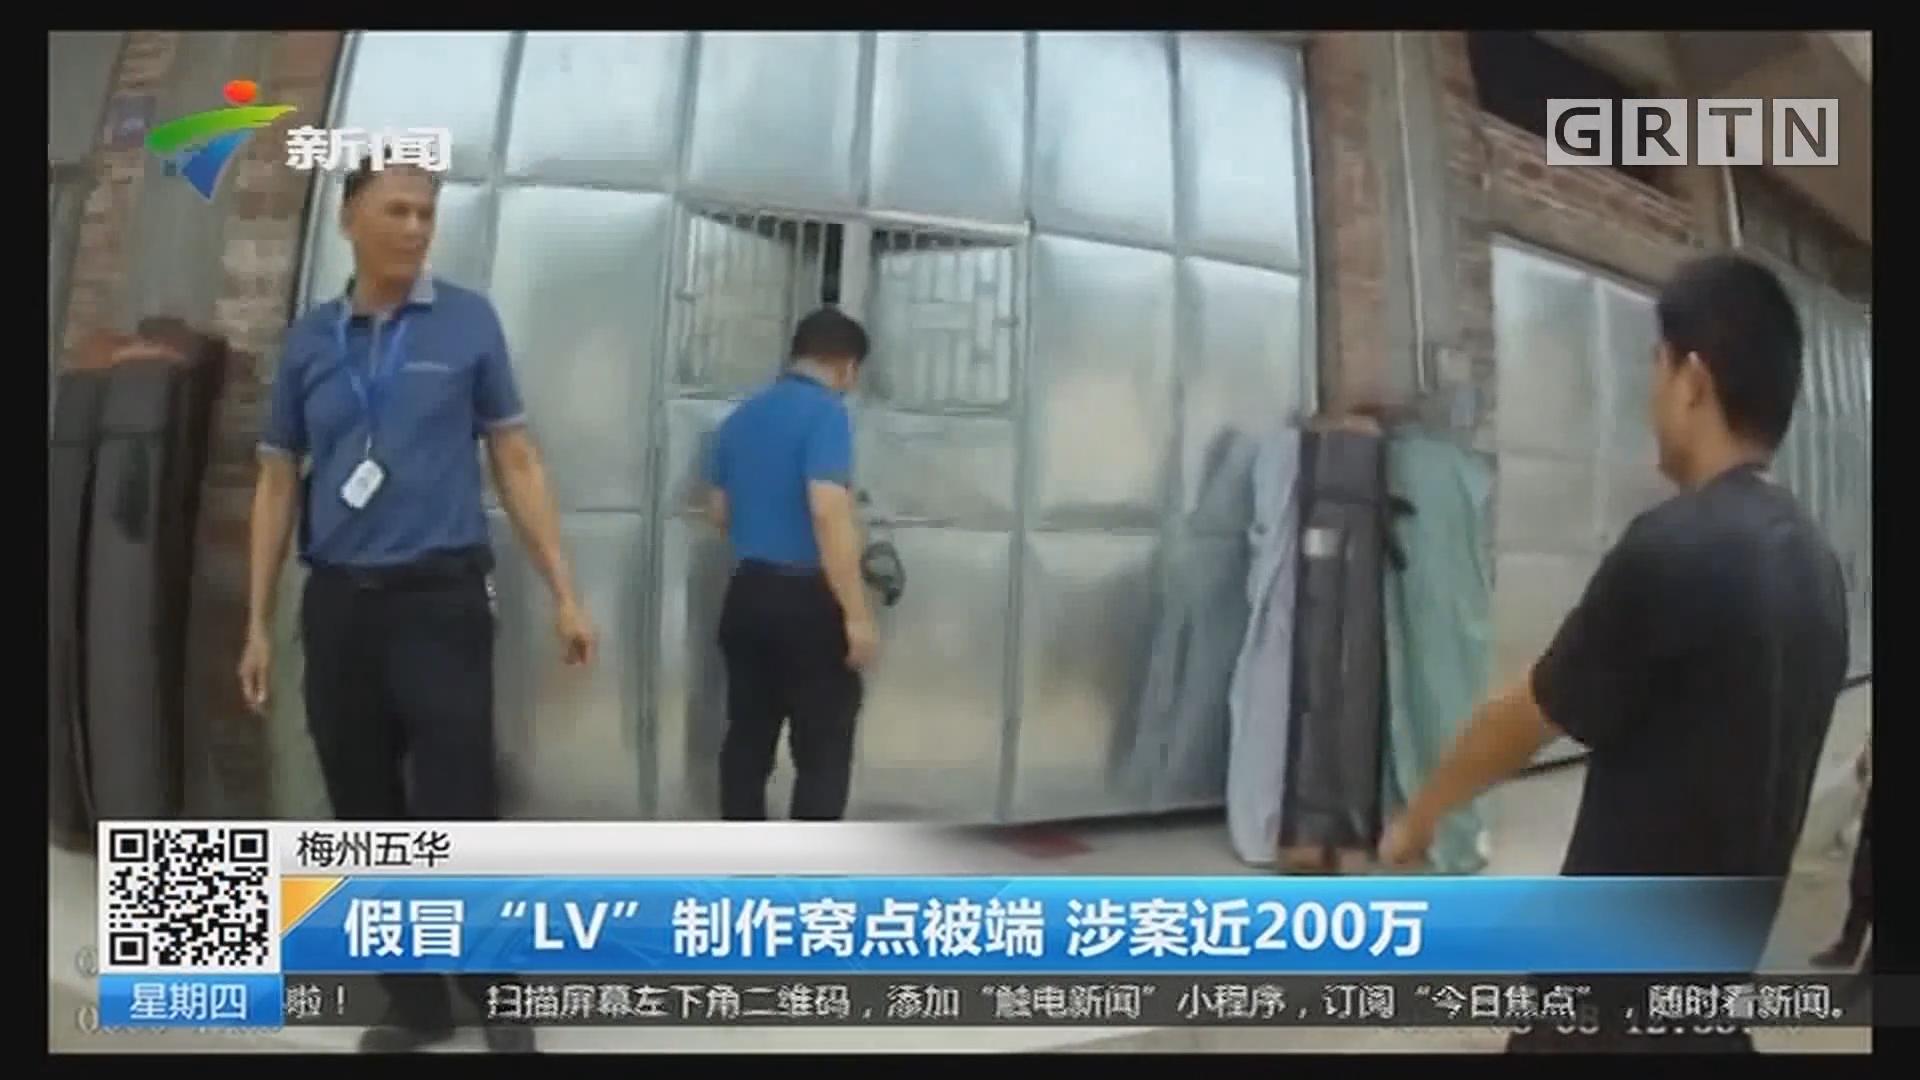 """梅州五华:假冒""""LV""""制作窝点被端 涉案近200万"""